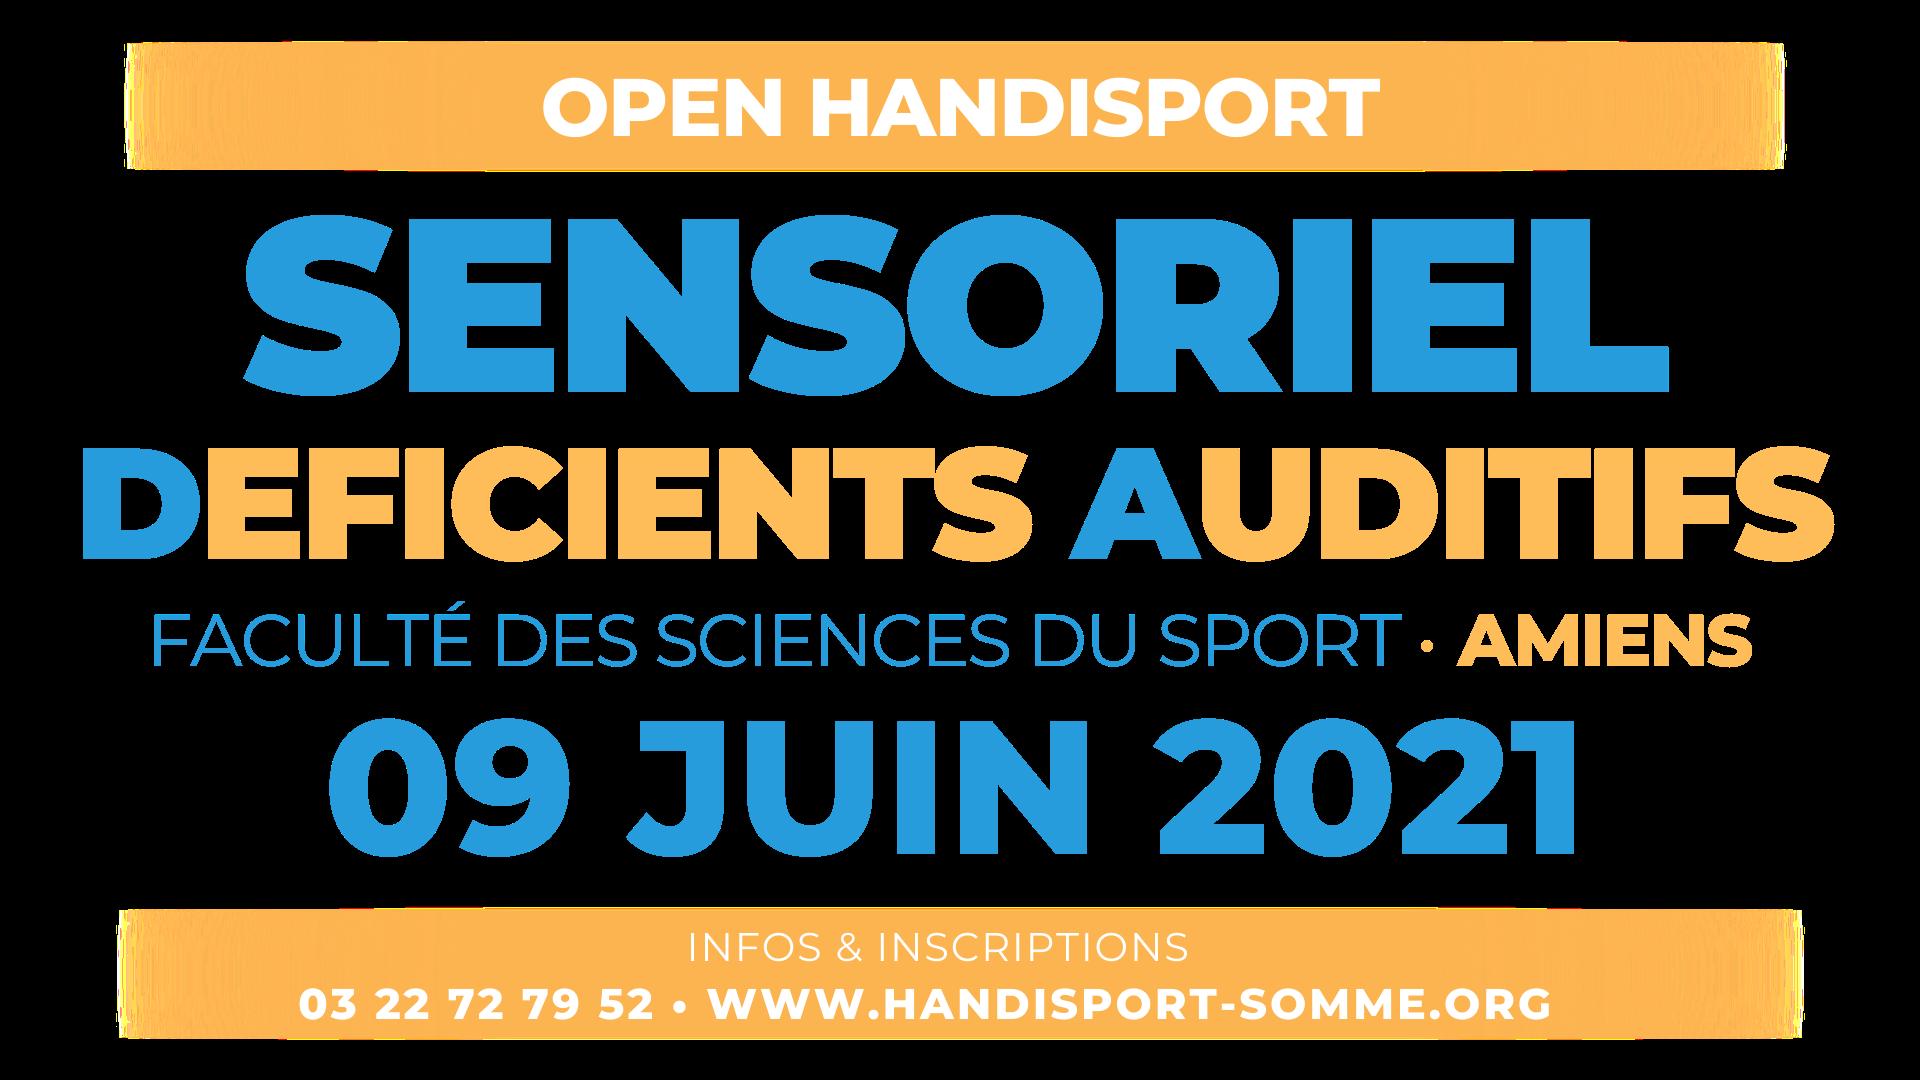 SENSORIEL D.A. / Open Handisport SENSORIEL DEFICIENTS AUDITIFS @ Faculté des Sciences du Sport d'Amiens